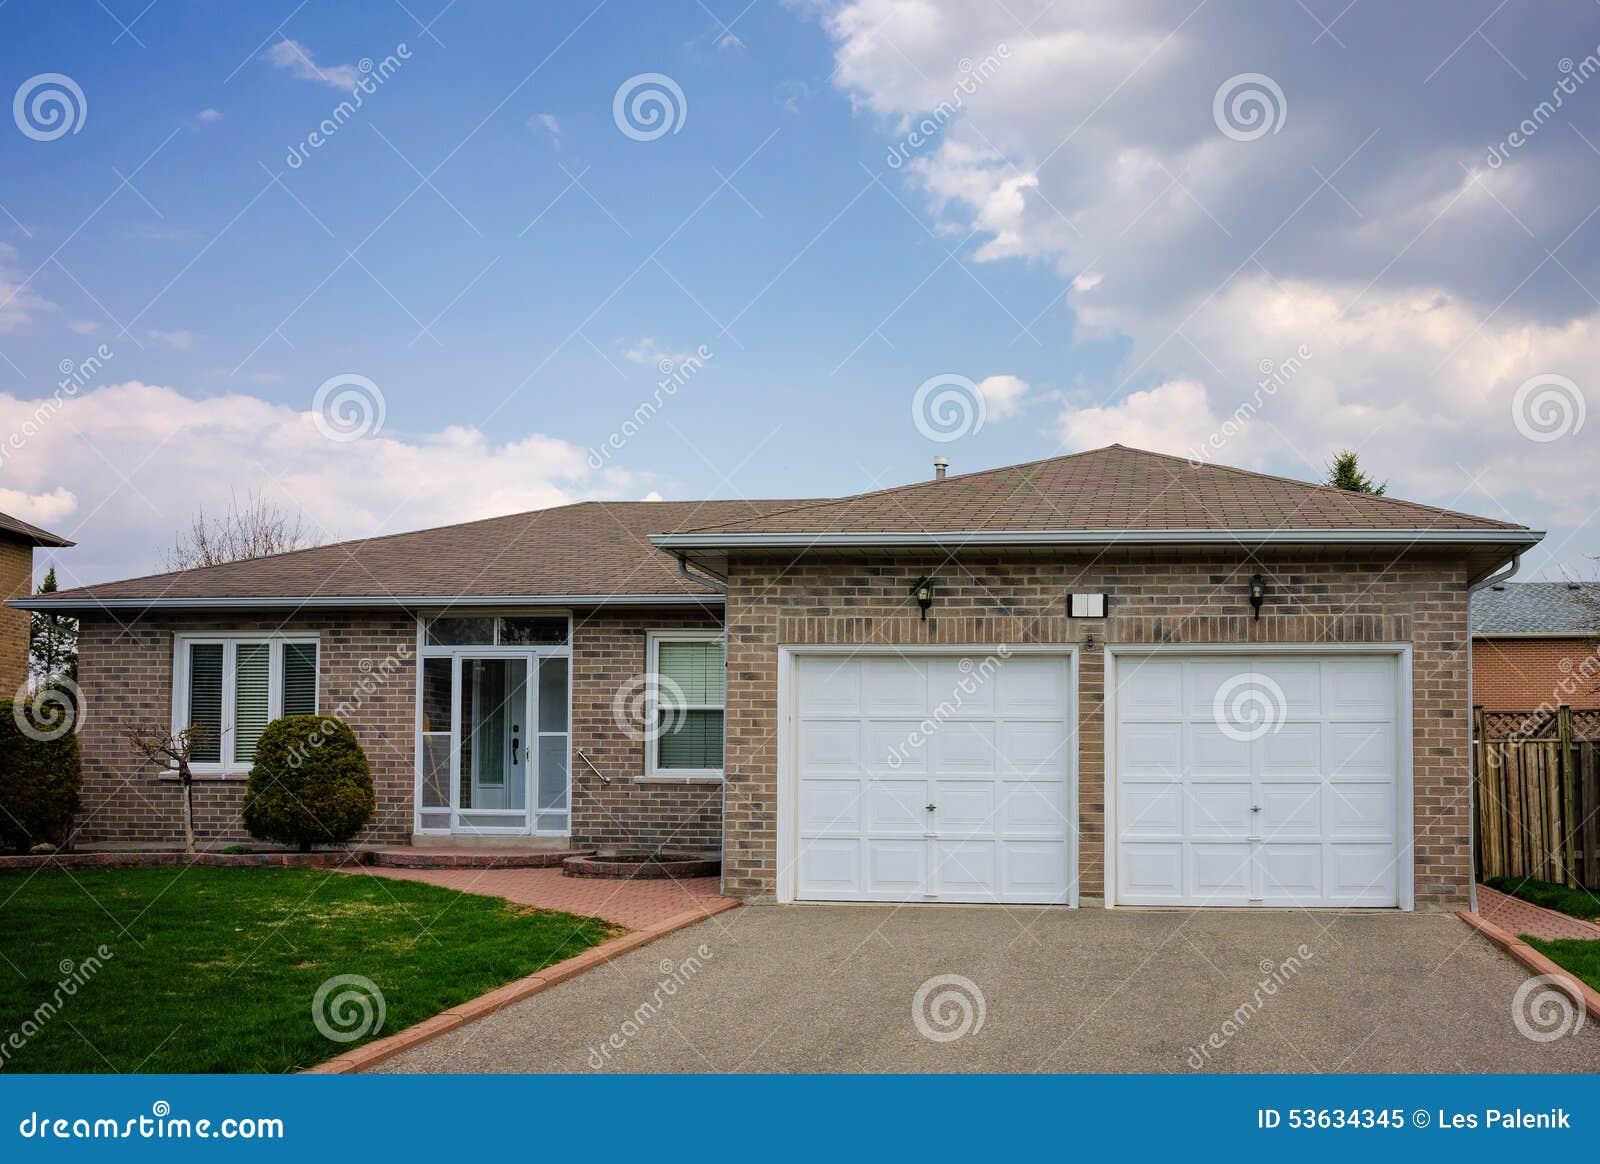 Casa de planta baja con un garaje doble foto de archivo imagen 53634345 - Vender garaje ...